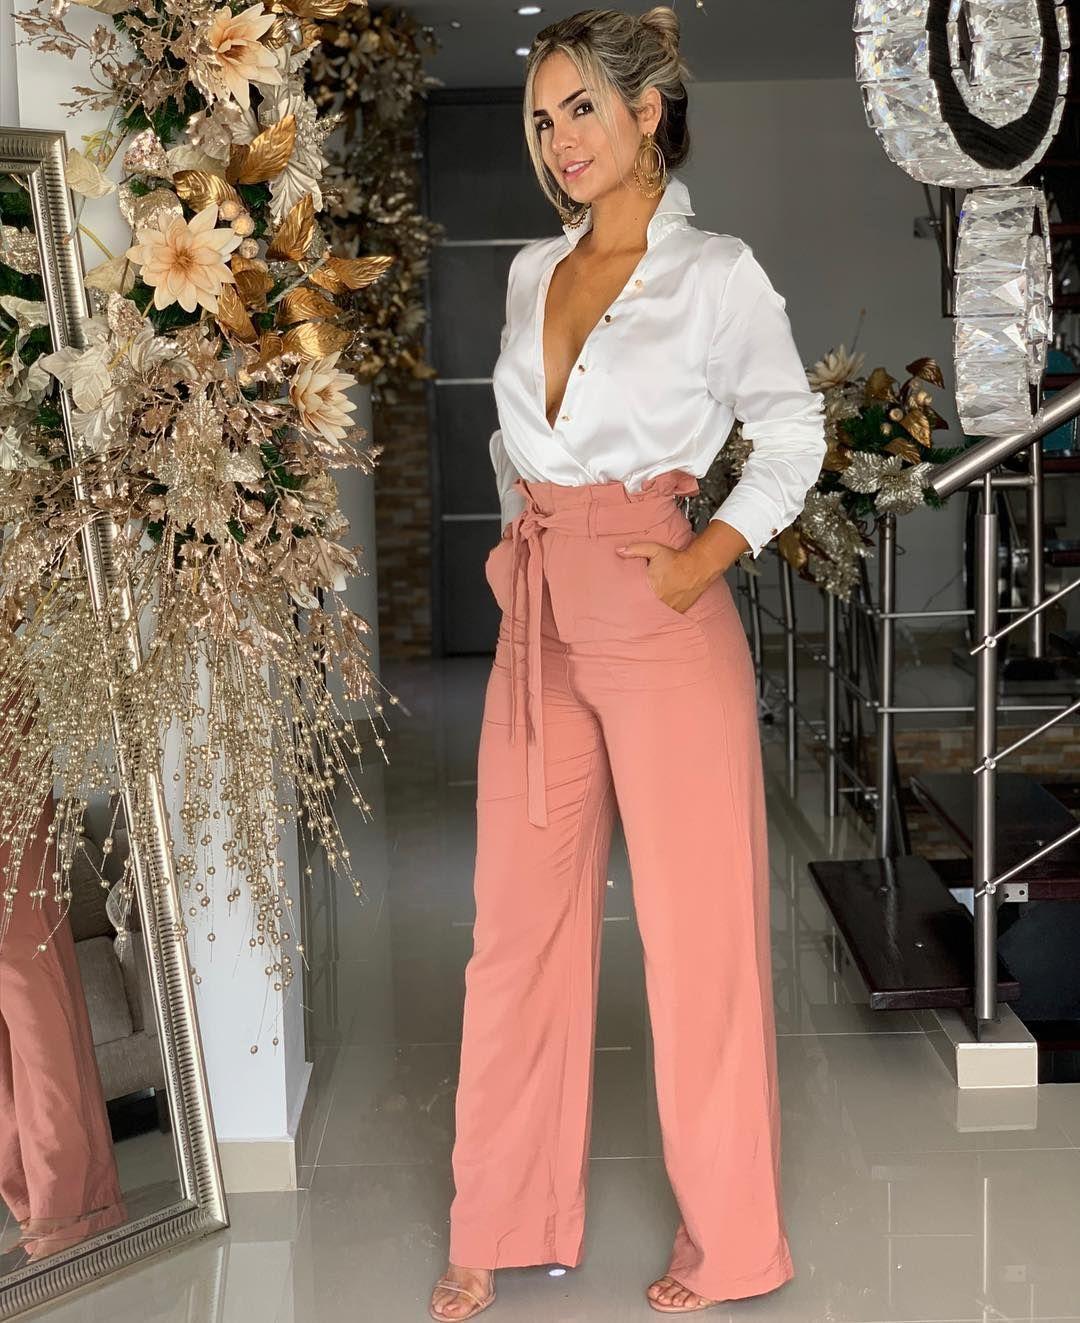 La Imagen Puede Contener 1 Persona De Pie Pantalones Elegantes Para Dama Pantalones De Vestir Mujer Pantalones De Moda